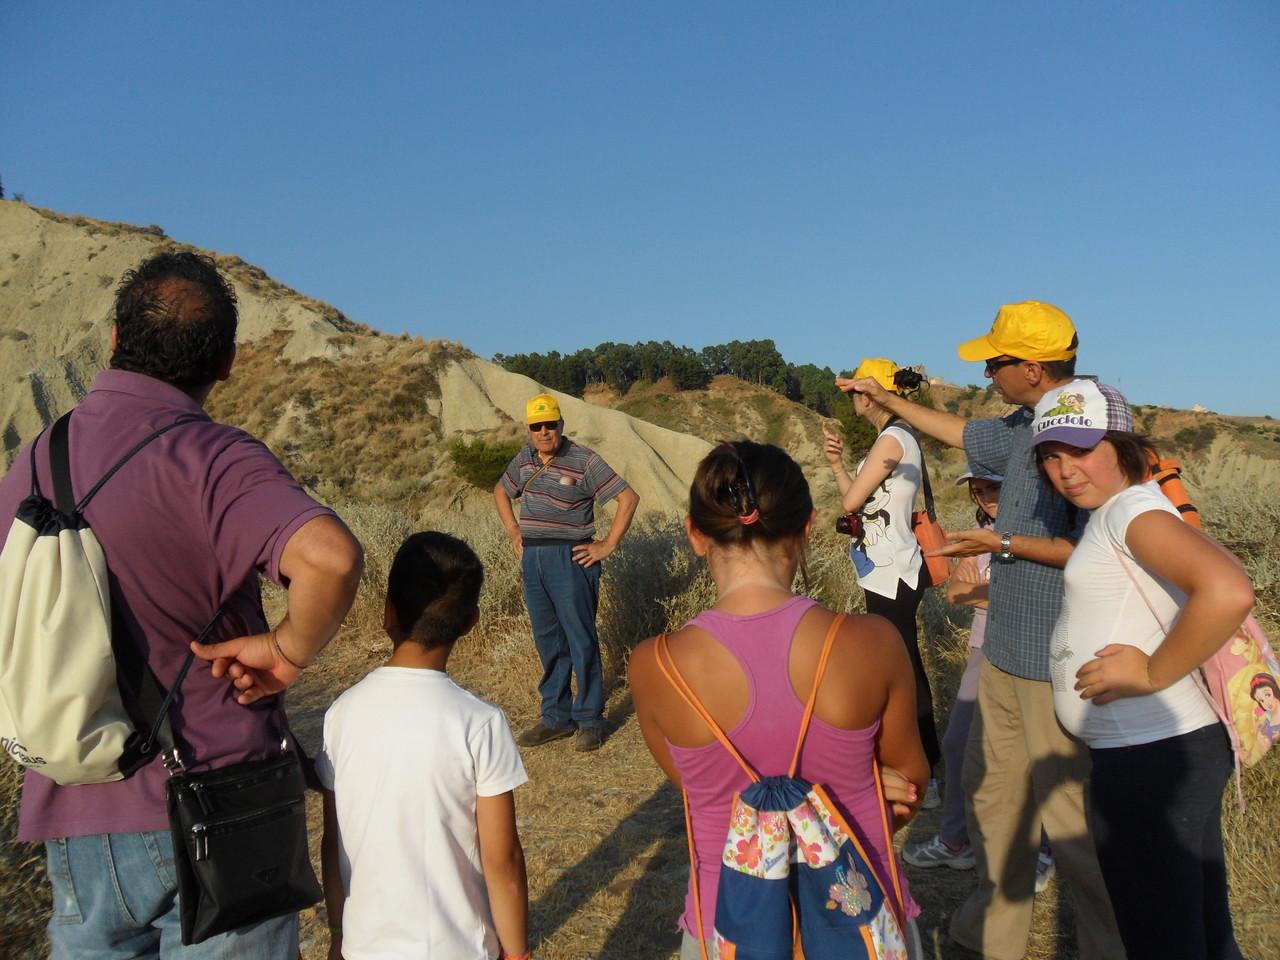 Escursione Appiett u mulin 2012